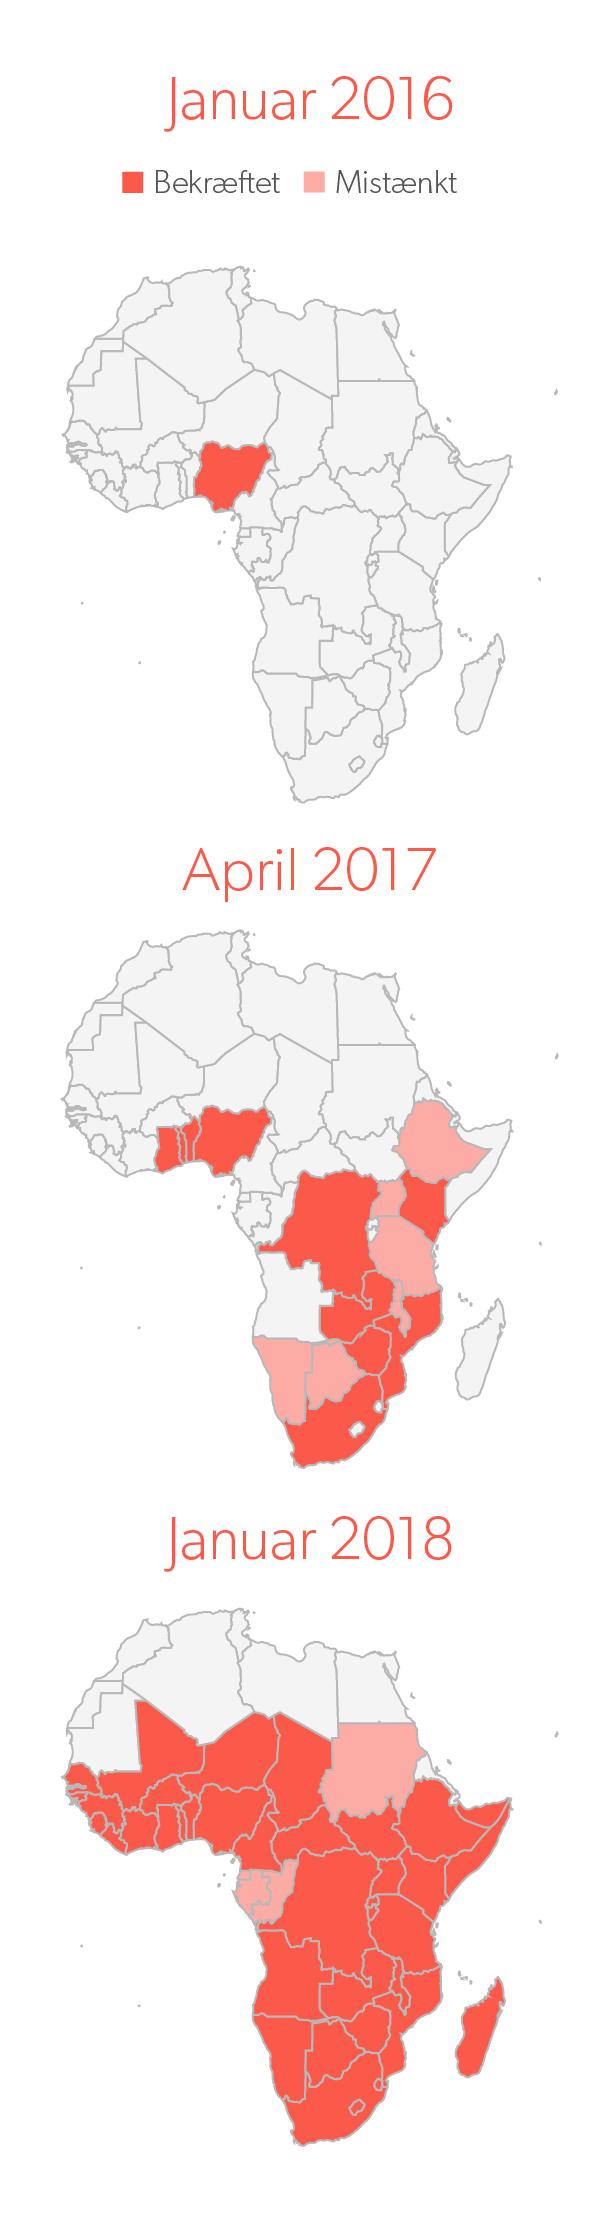 Se hærlarvernes spredning i Afrika.